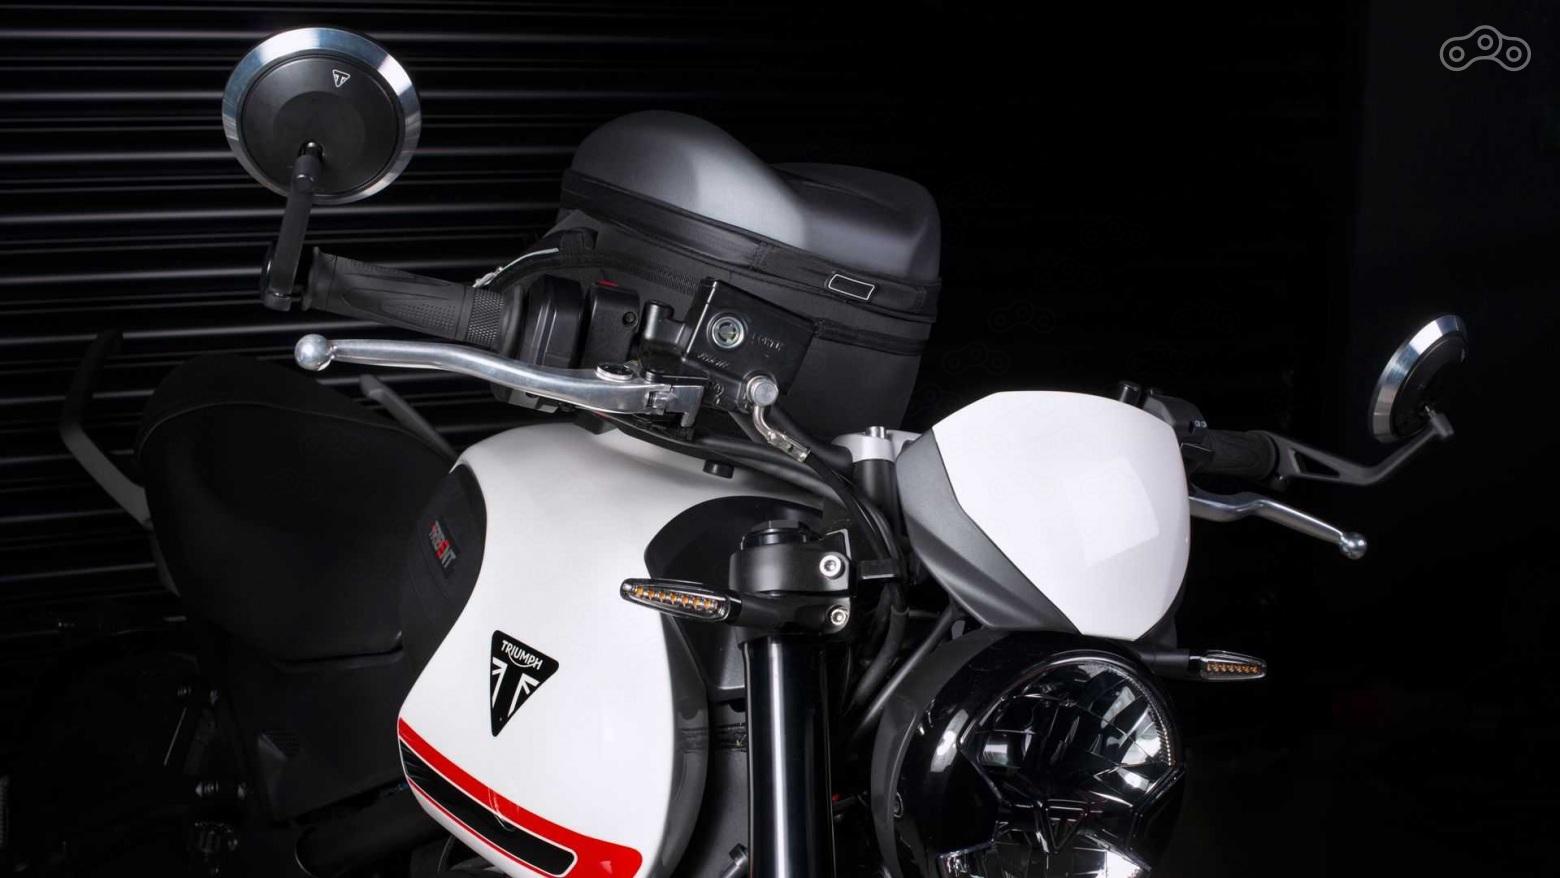 Triumph Trident 660 с сумкой на баке, с зеркалами в торцах руля и с небольшим ветровиком